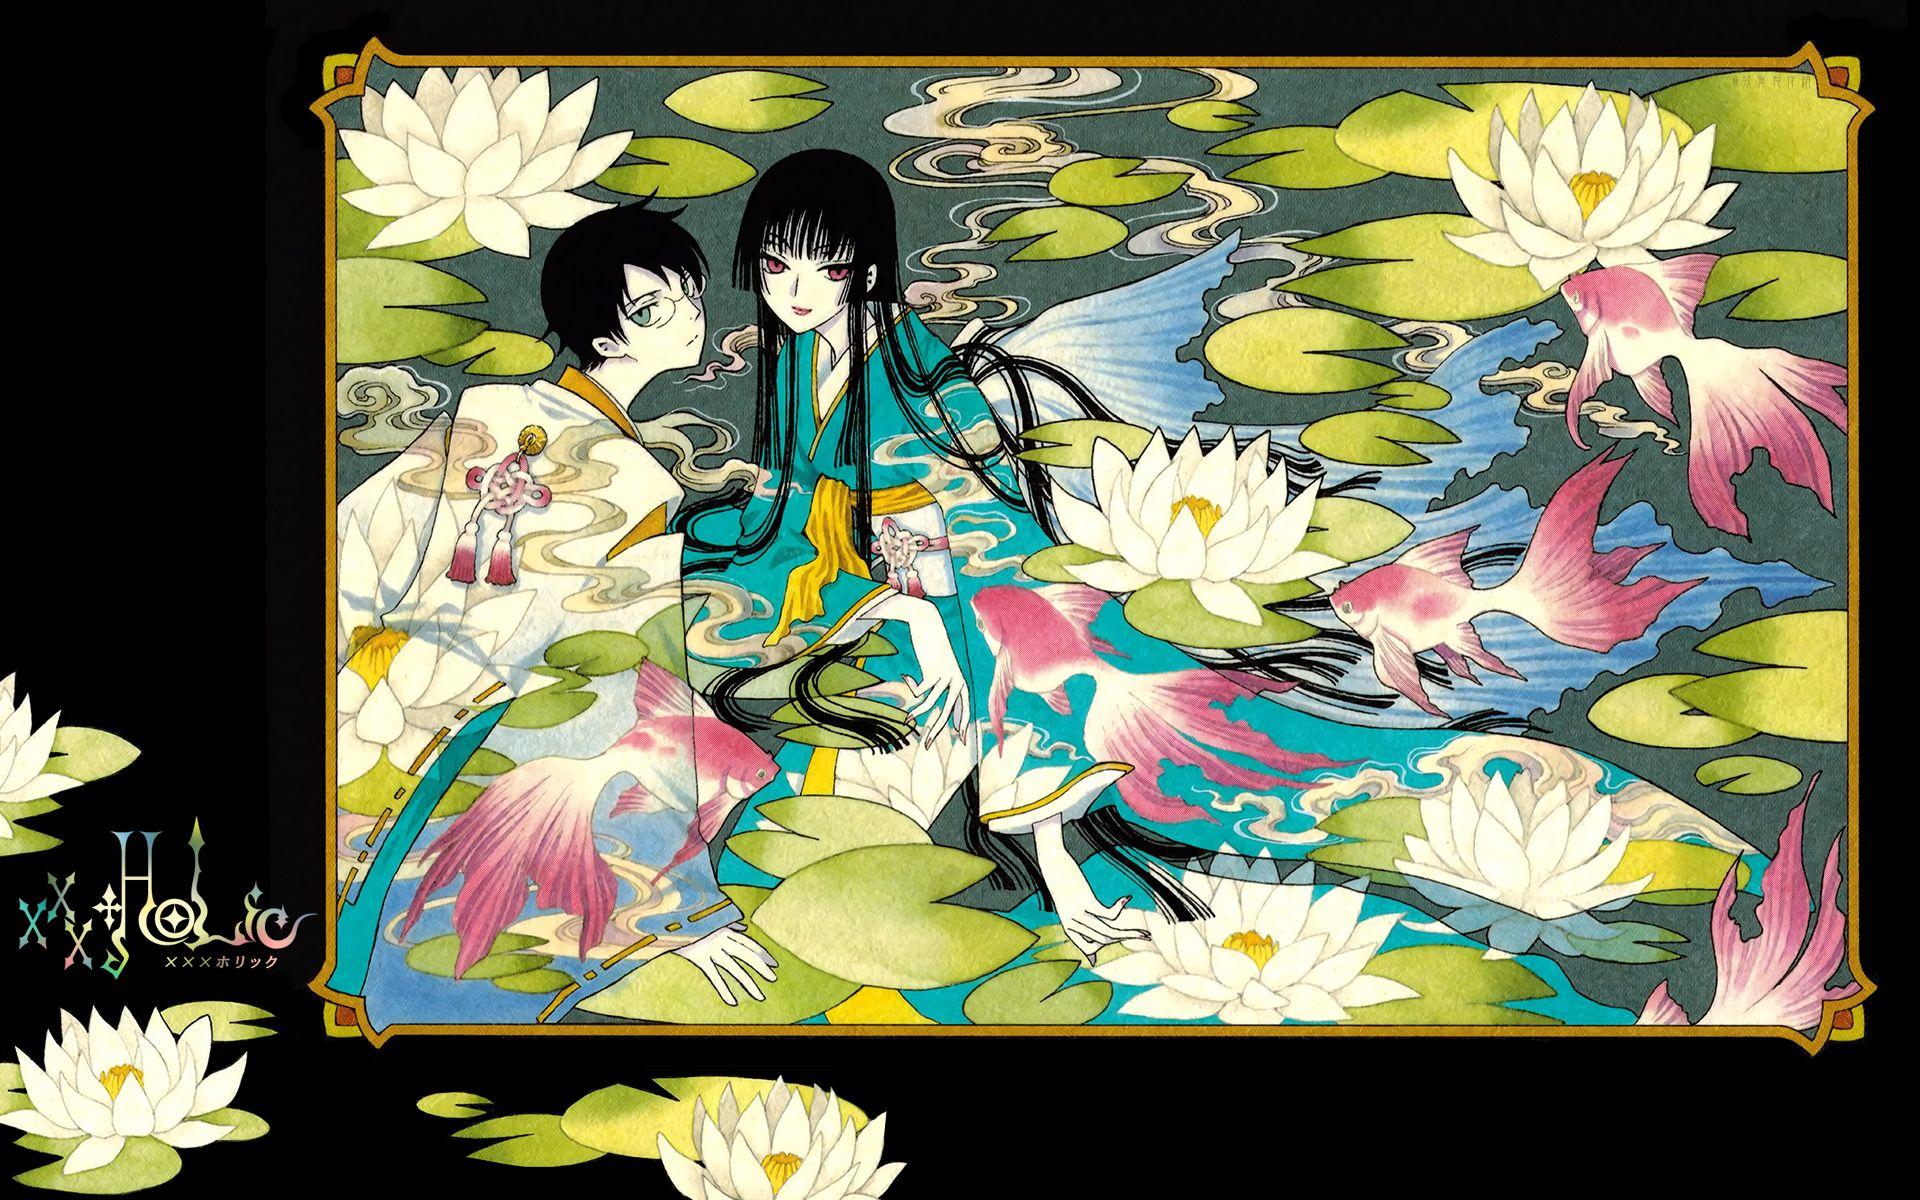 Download xxxHOLiC: xxxHolic Rei Illustration 1 (1920x1200) - Minitokyo